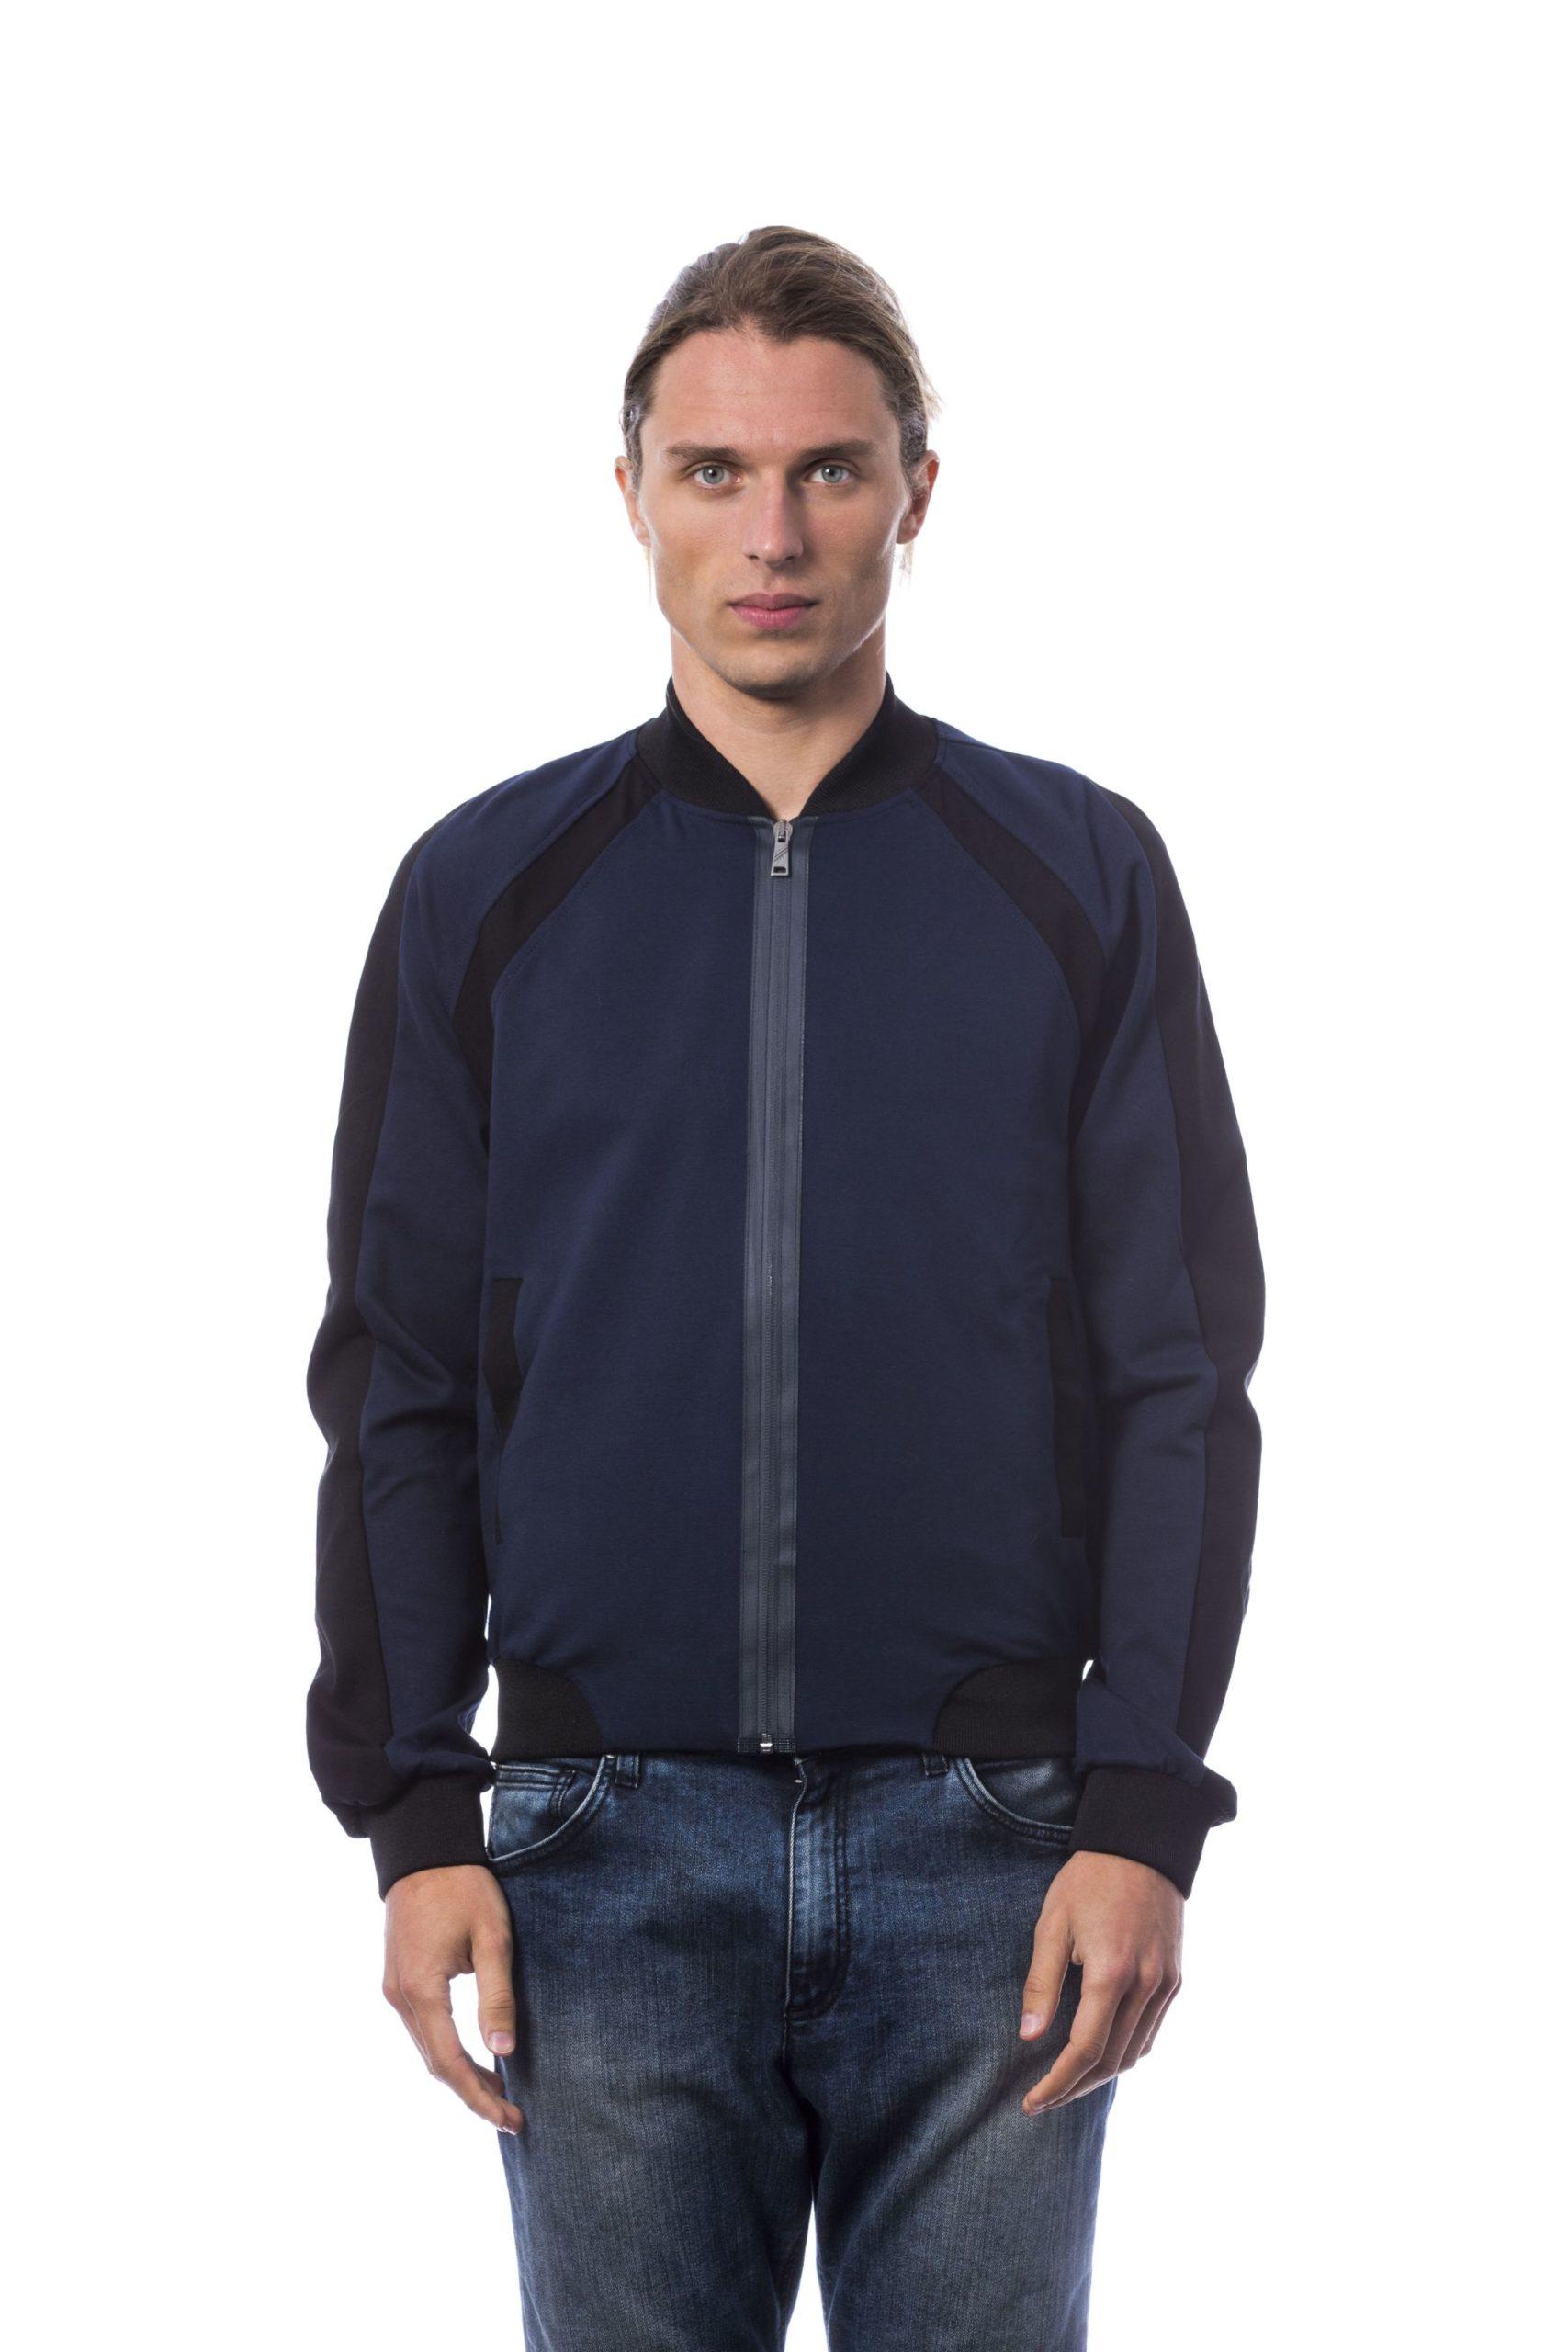 Verri Men's Navy Sweater Blue VE1272865 - S